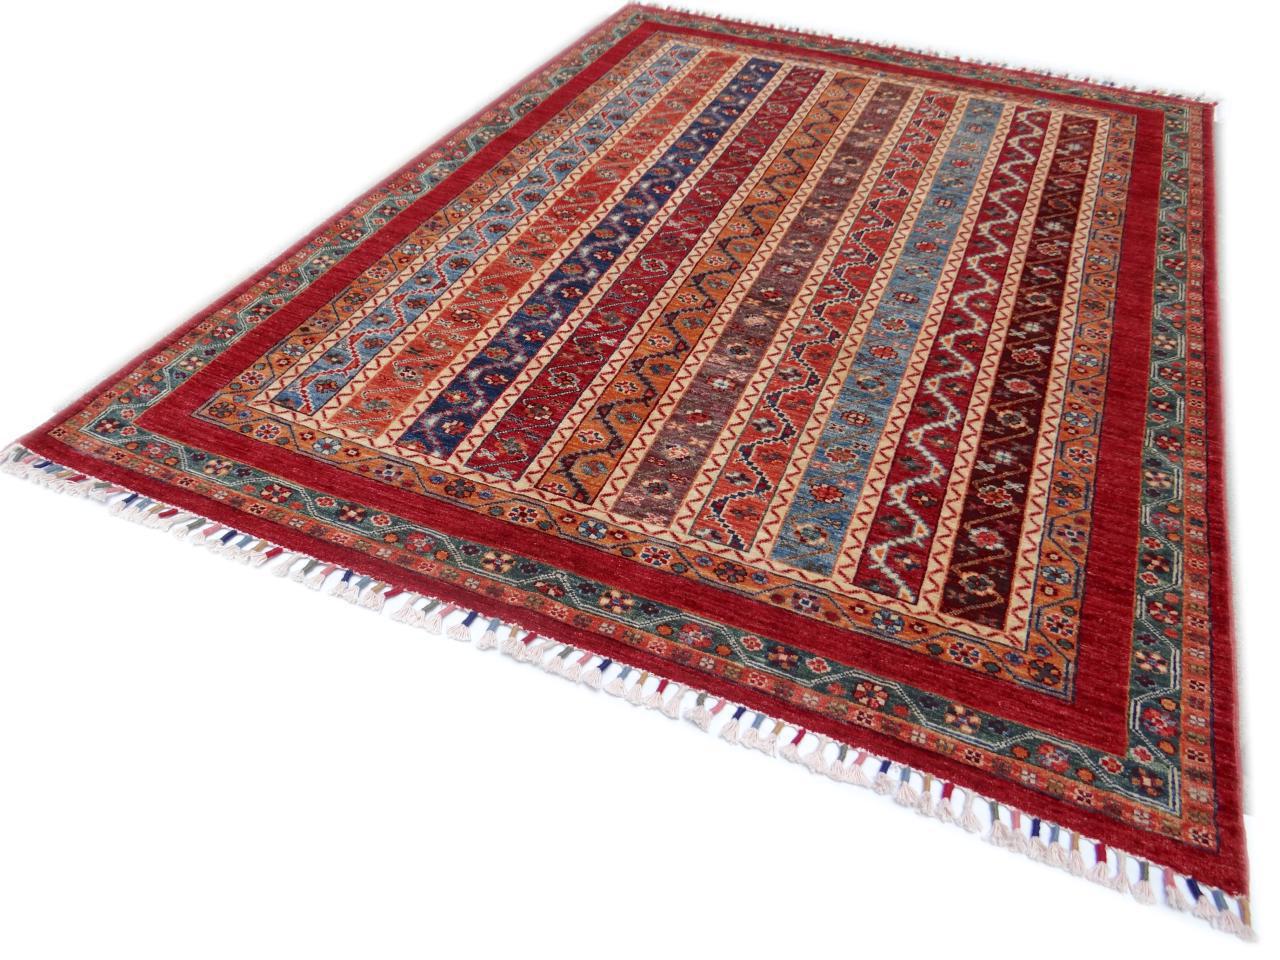 Ghaznavi etnische tapijten n 3171 206x151cm - Etnische pouf ...